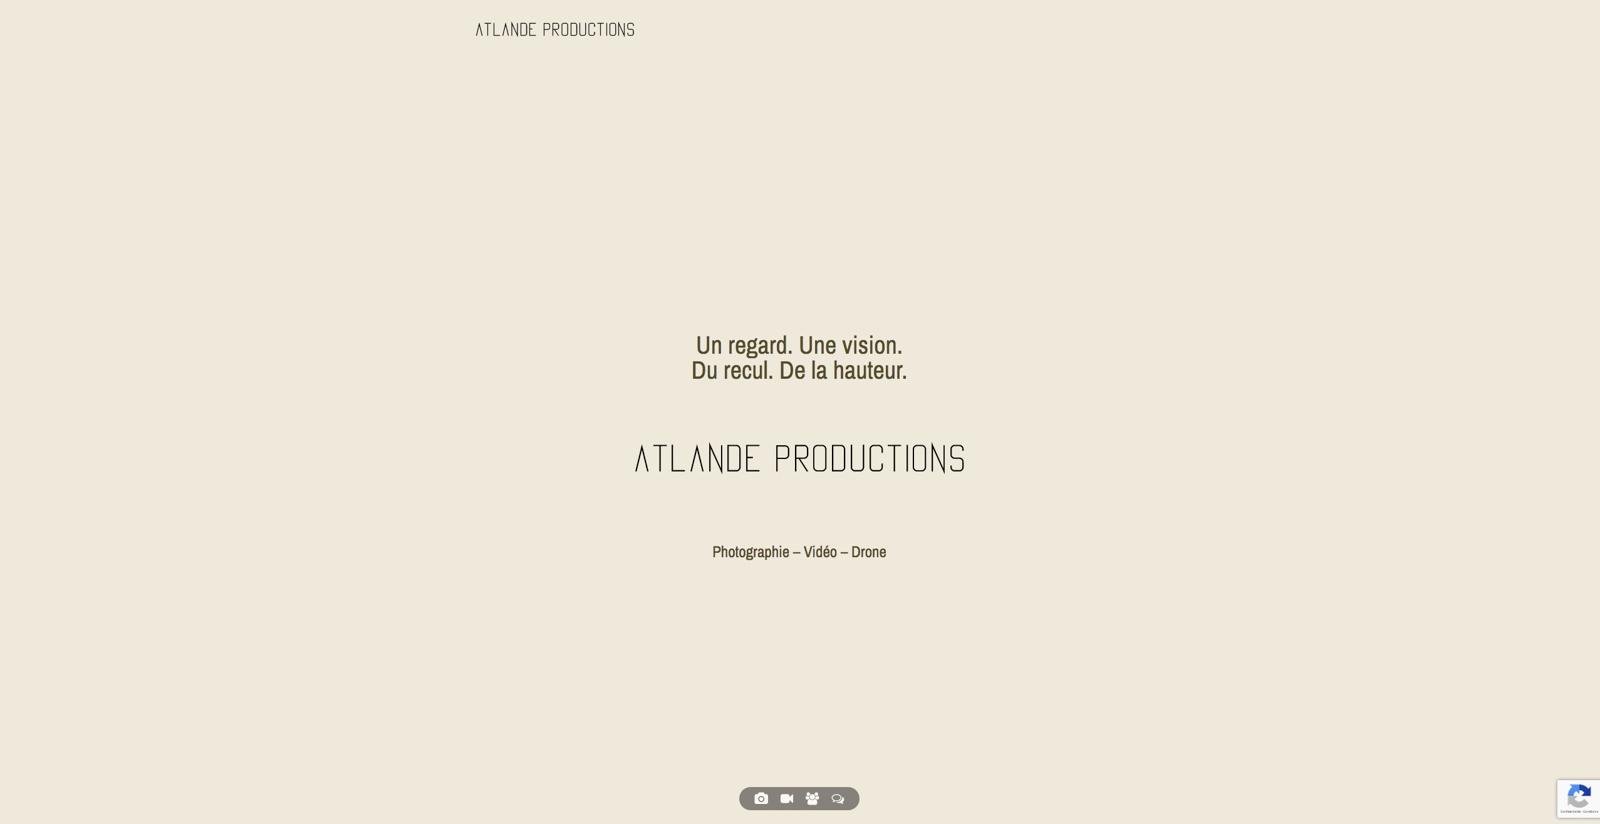 Atlande Productions